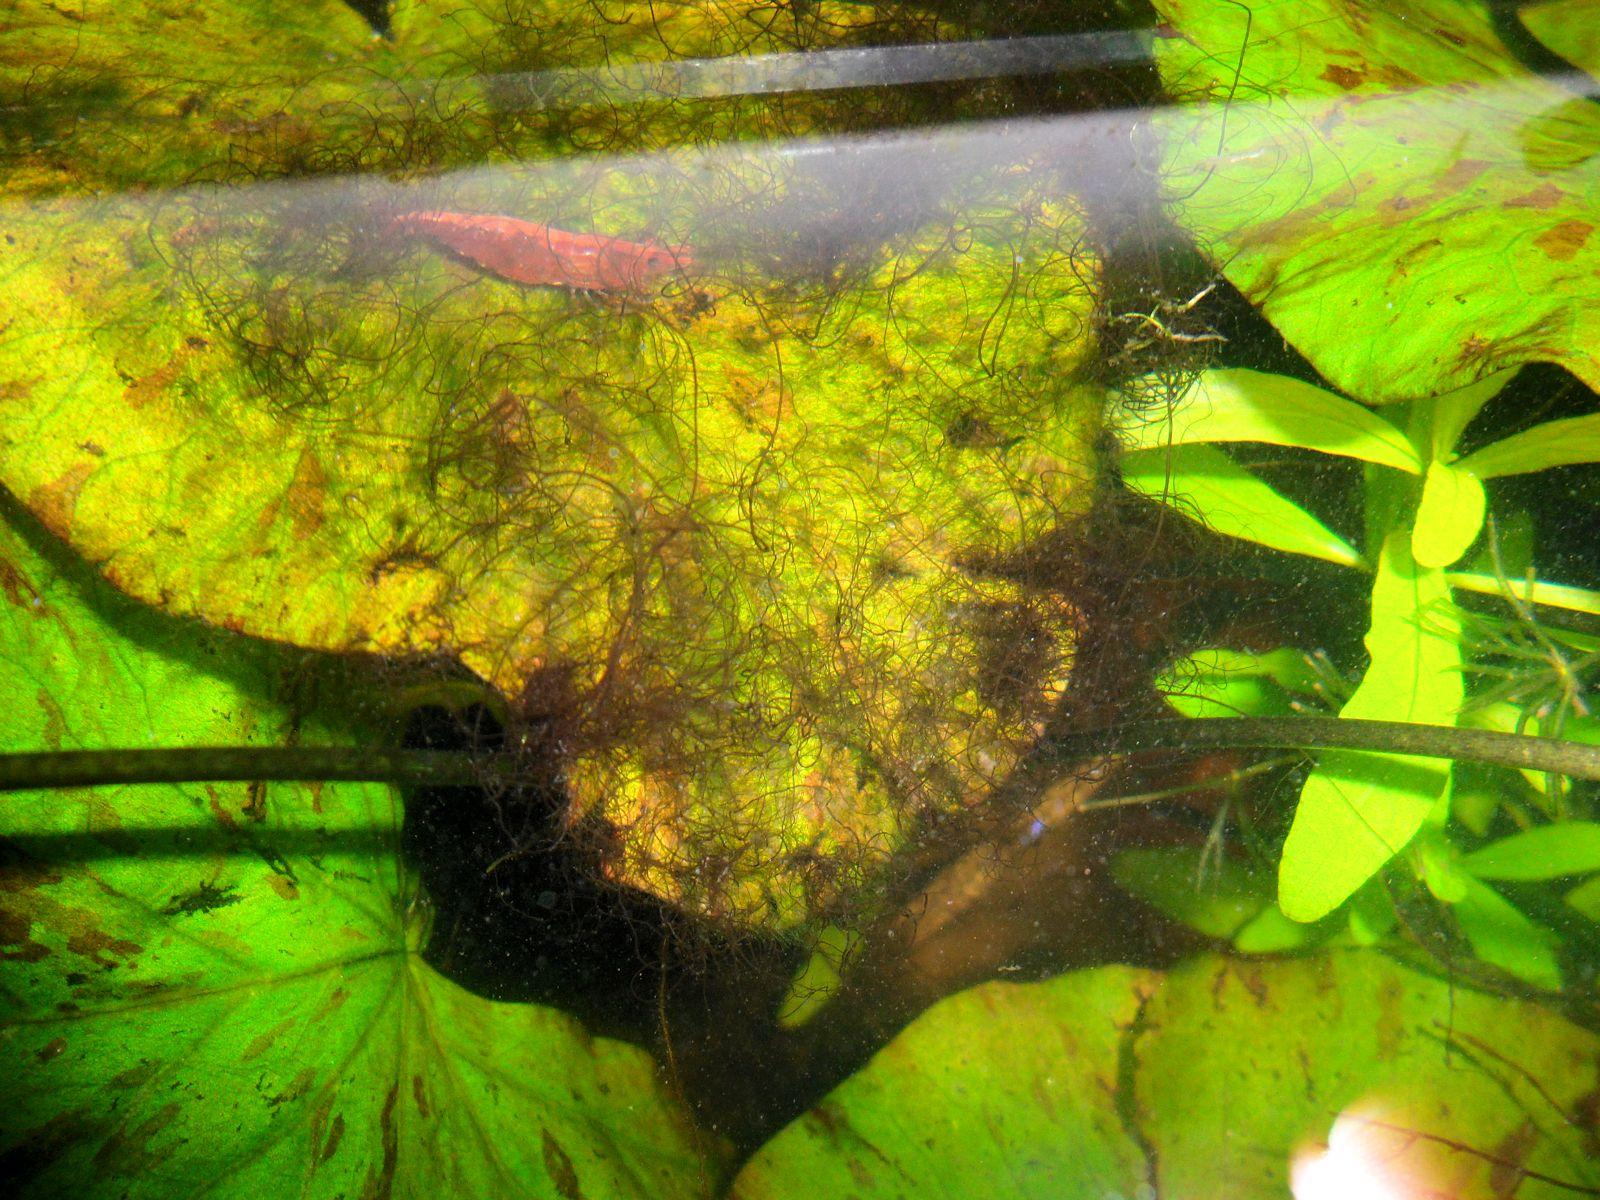 vihreä kirkkaan vihreä levä akvaariossa